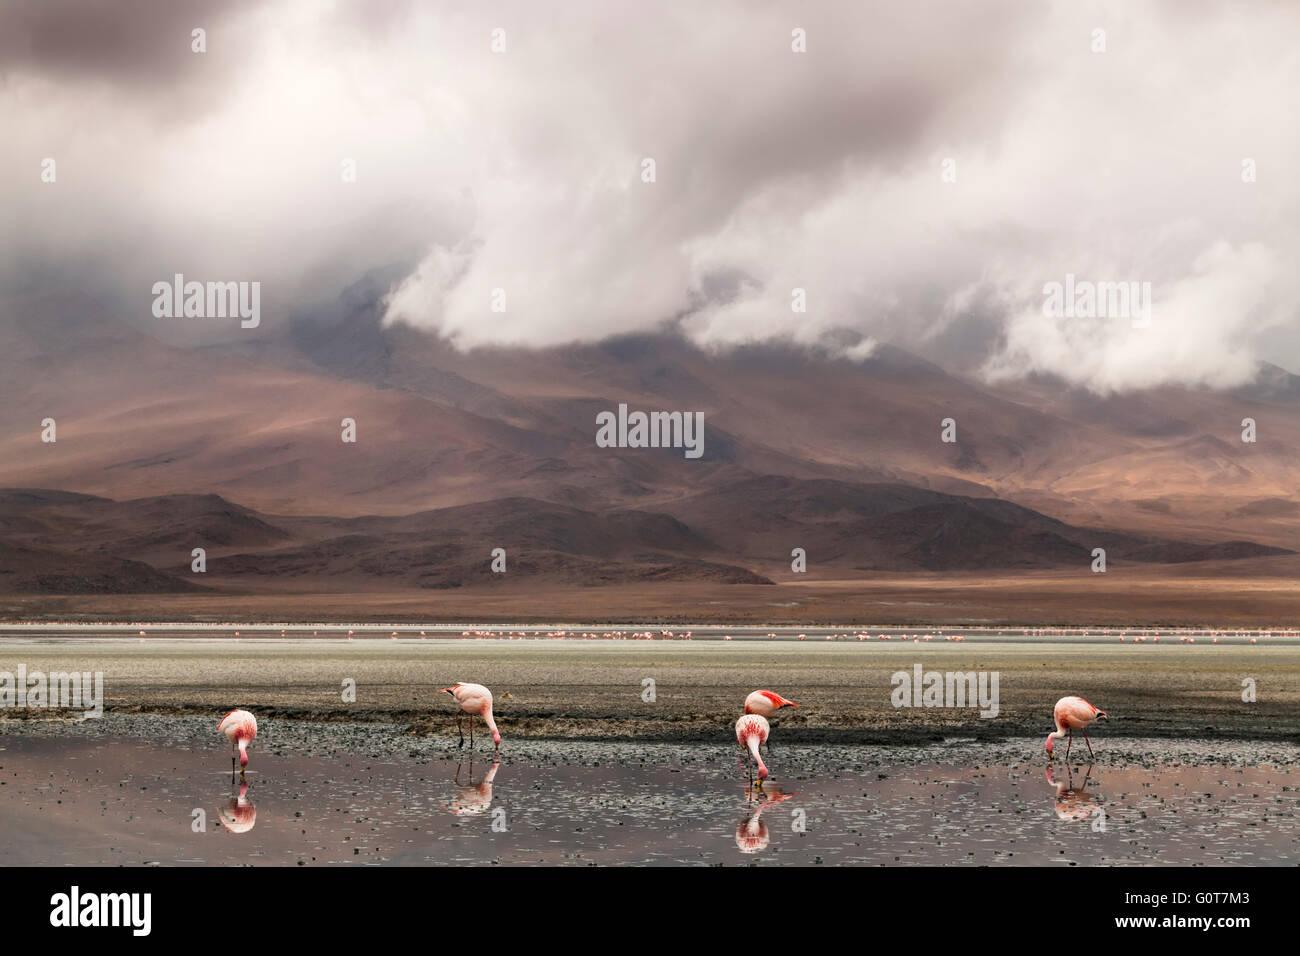 Flamencos alimentándose en un lago en el Salar de Uyuni, llanuras de sal, Bolivia, América del Sur Imagen De Stock